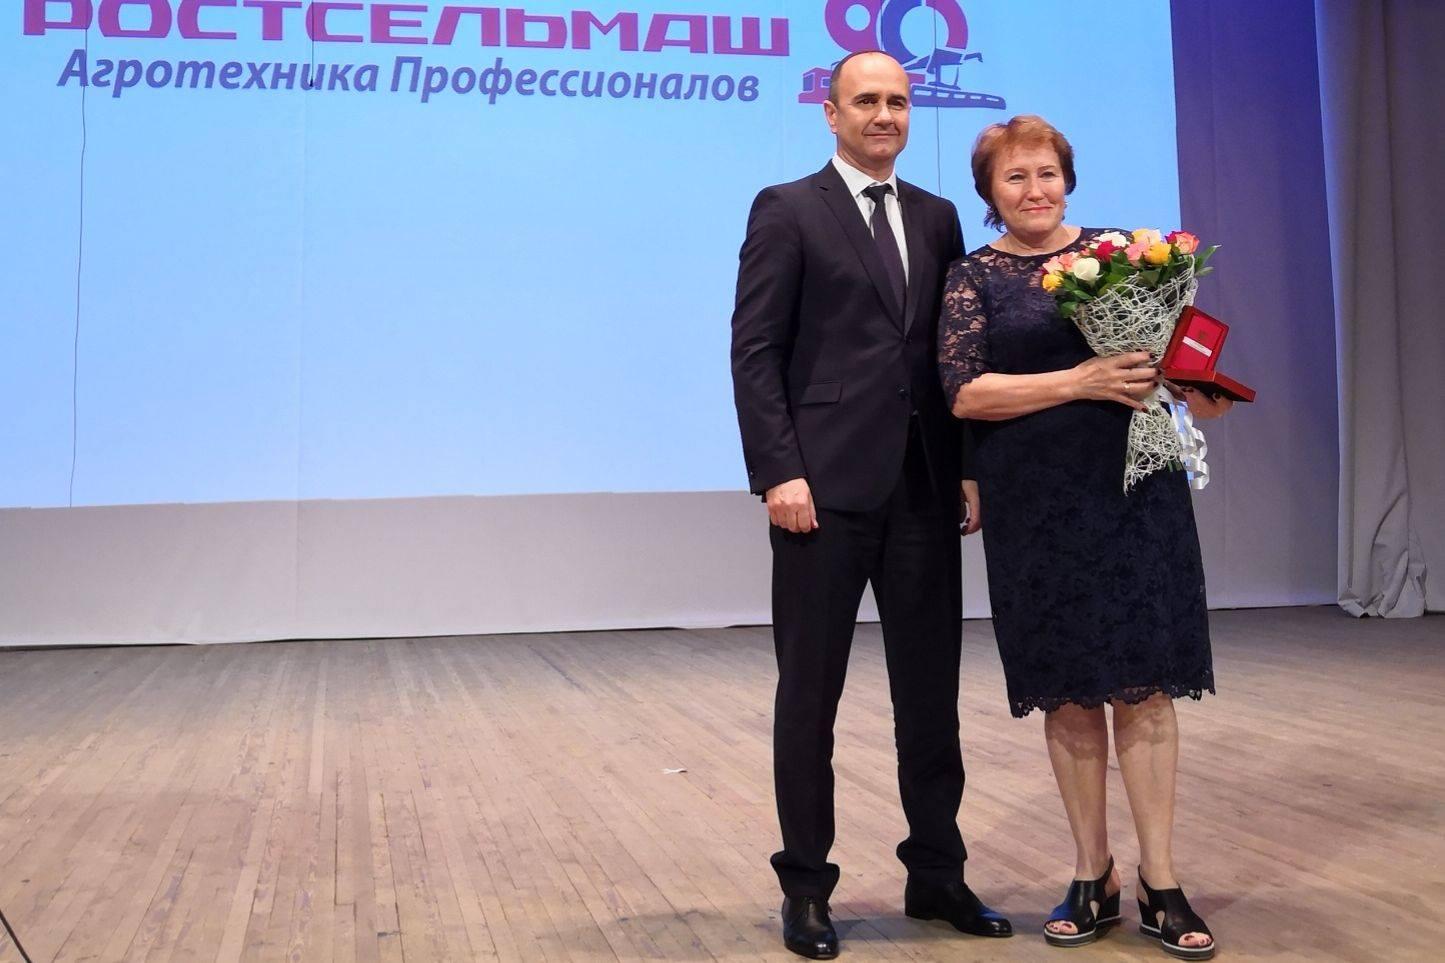 За 90 лет работы «Ростсельмаш» выпустил более 2,8 млн единиц уборочной техники